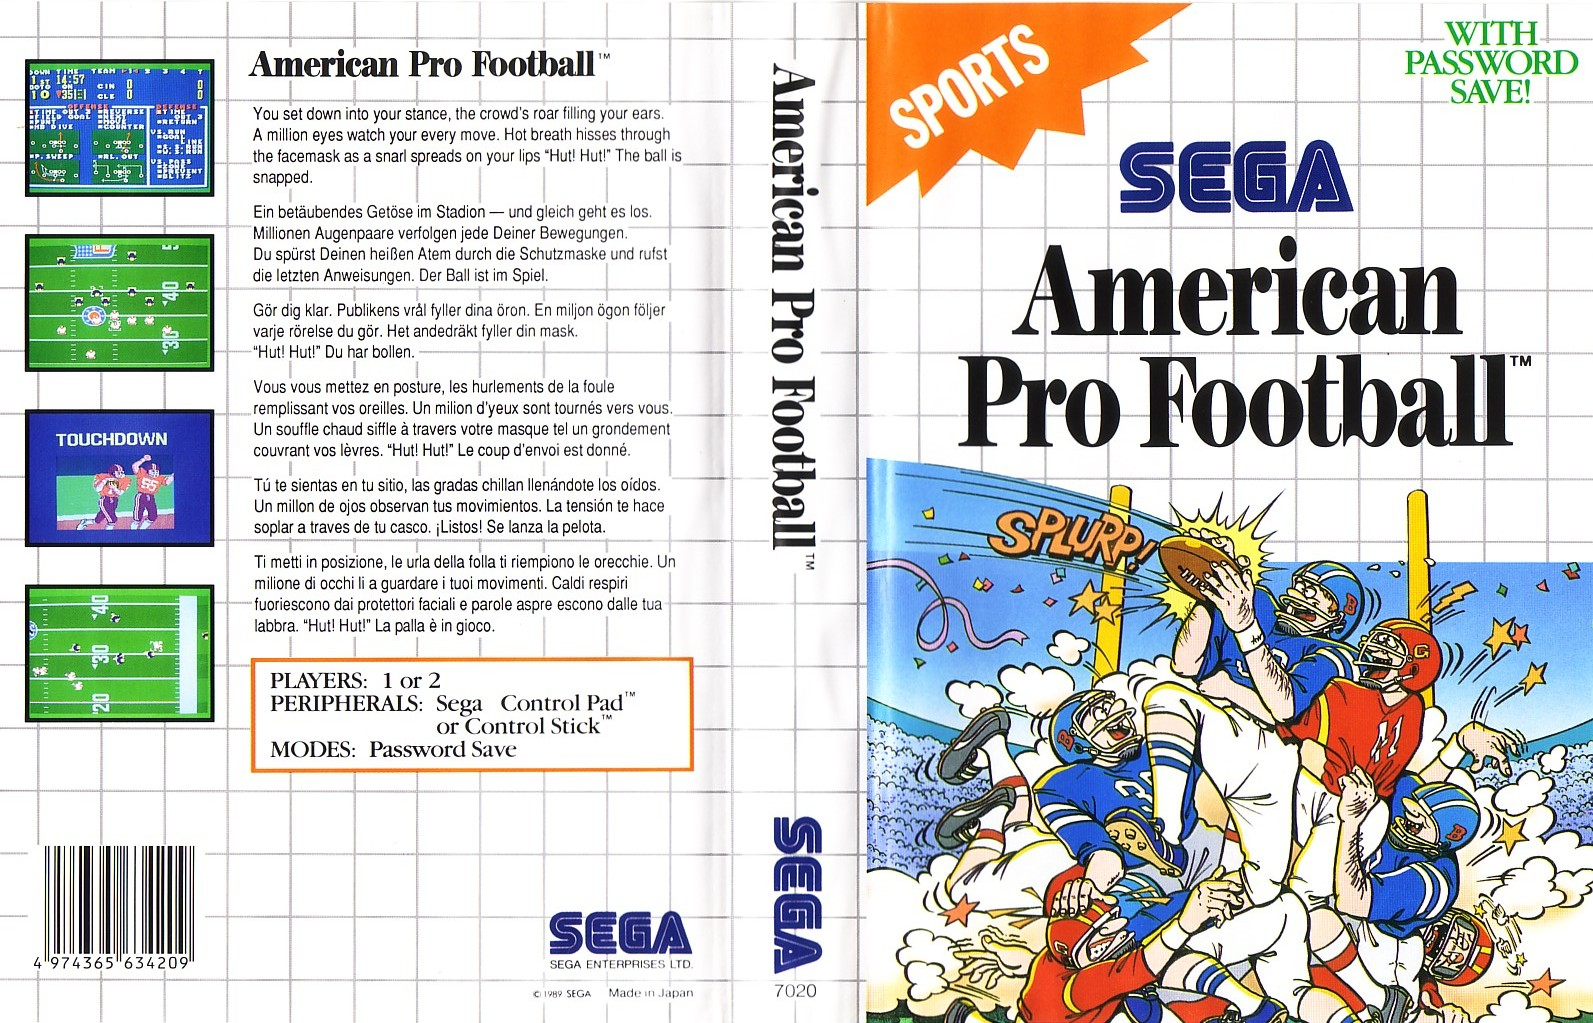 http://www.smspower.org/uploads/Scans/AmericanProFootball-SMS-EU-NoR.jpg